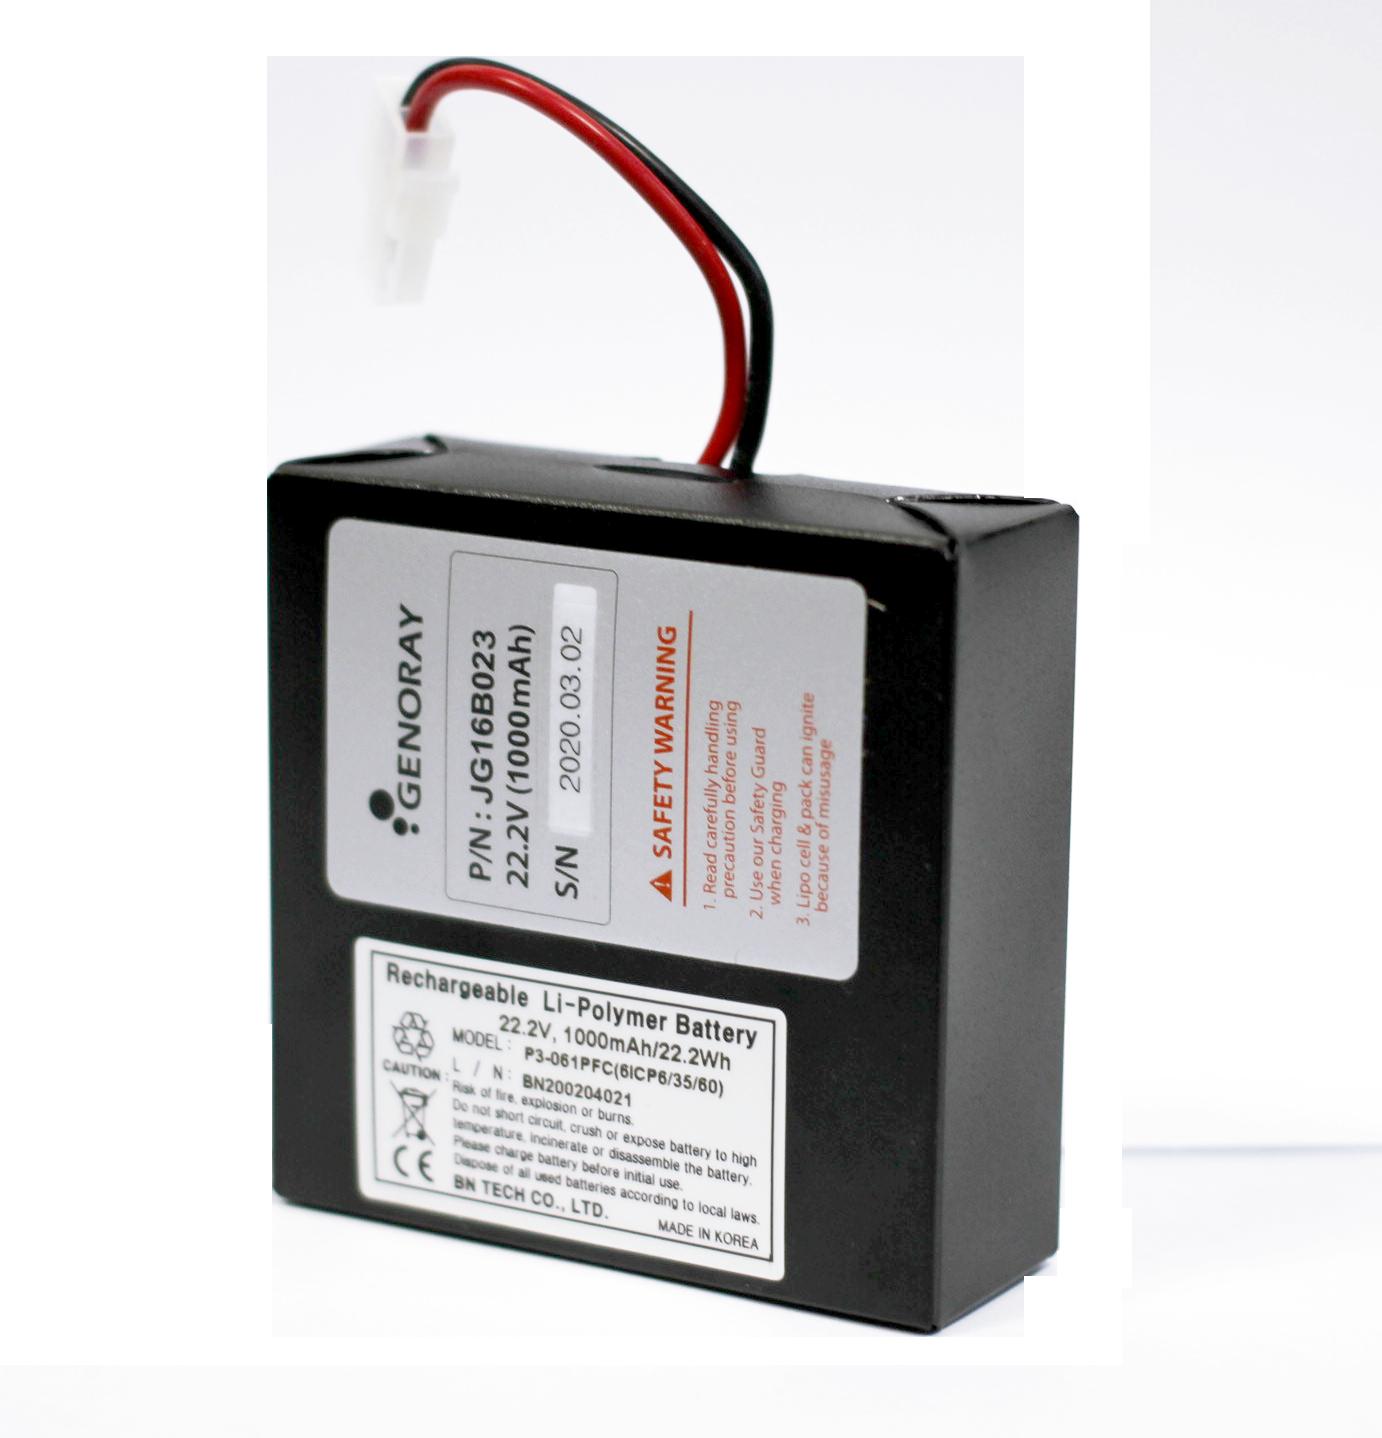 Литий-полимерный аккумулятор для Port x-III (Port x-II new)